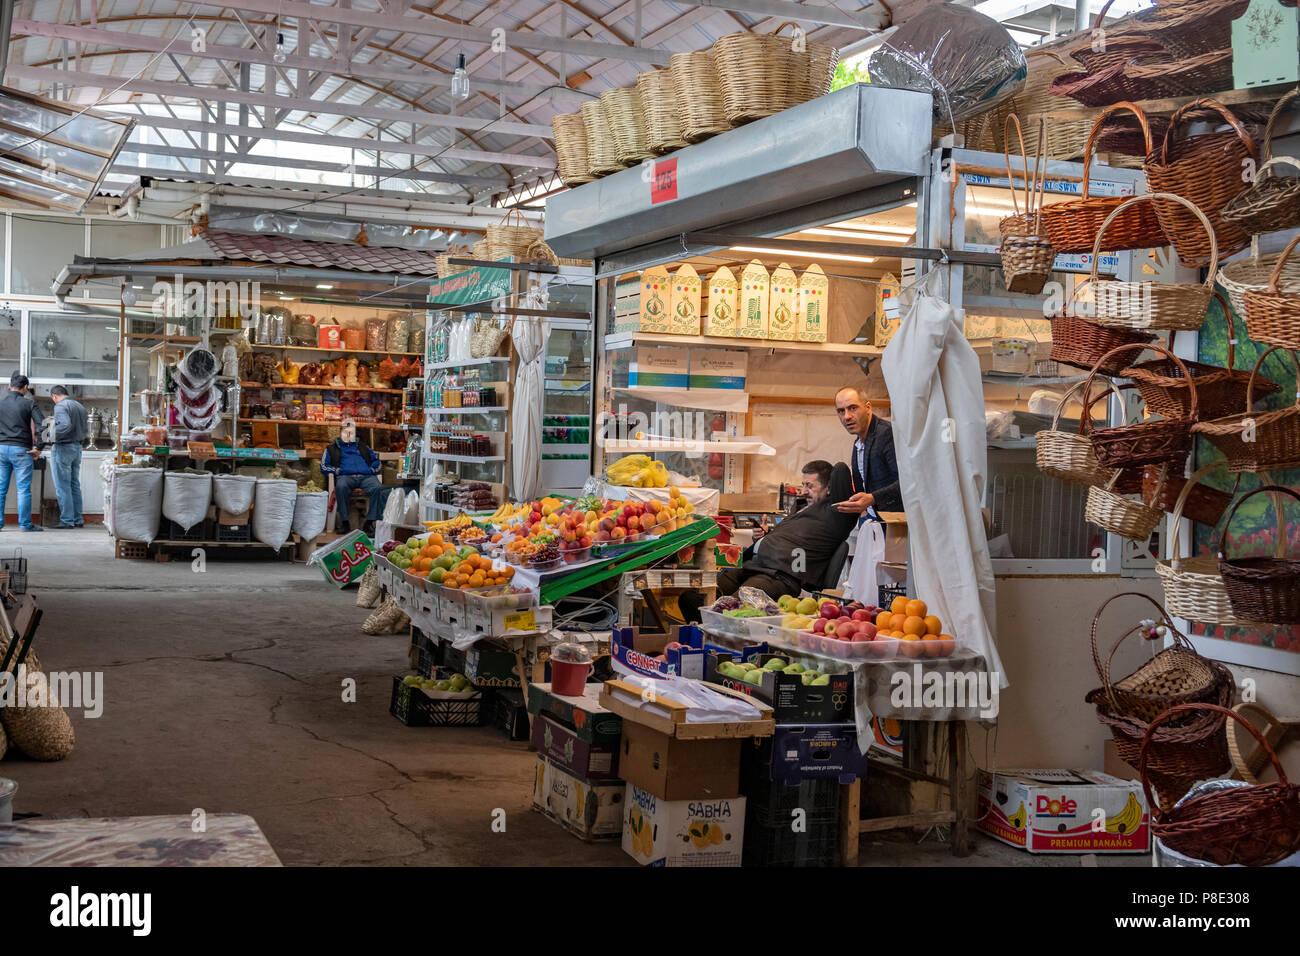 teze-bazaar-baku-azerbaijan-P8E308.jpg